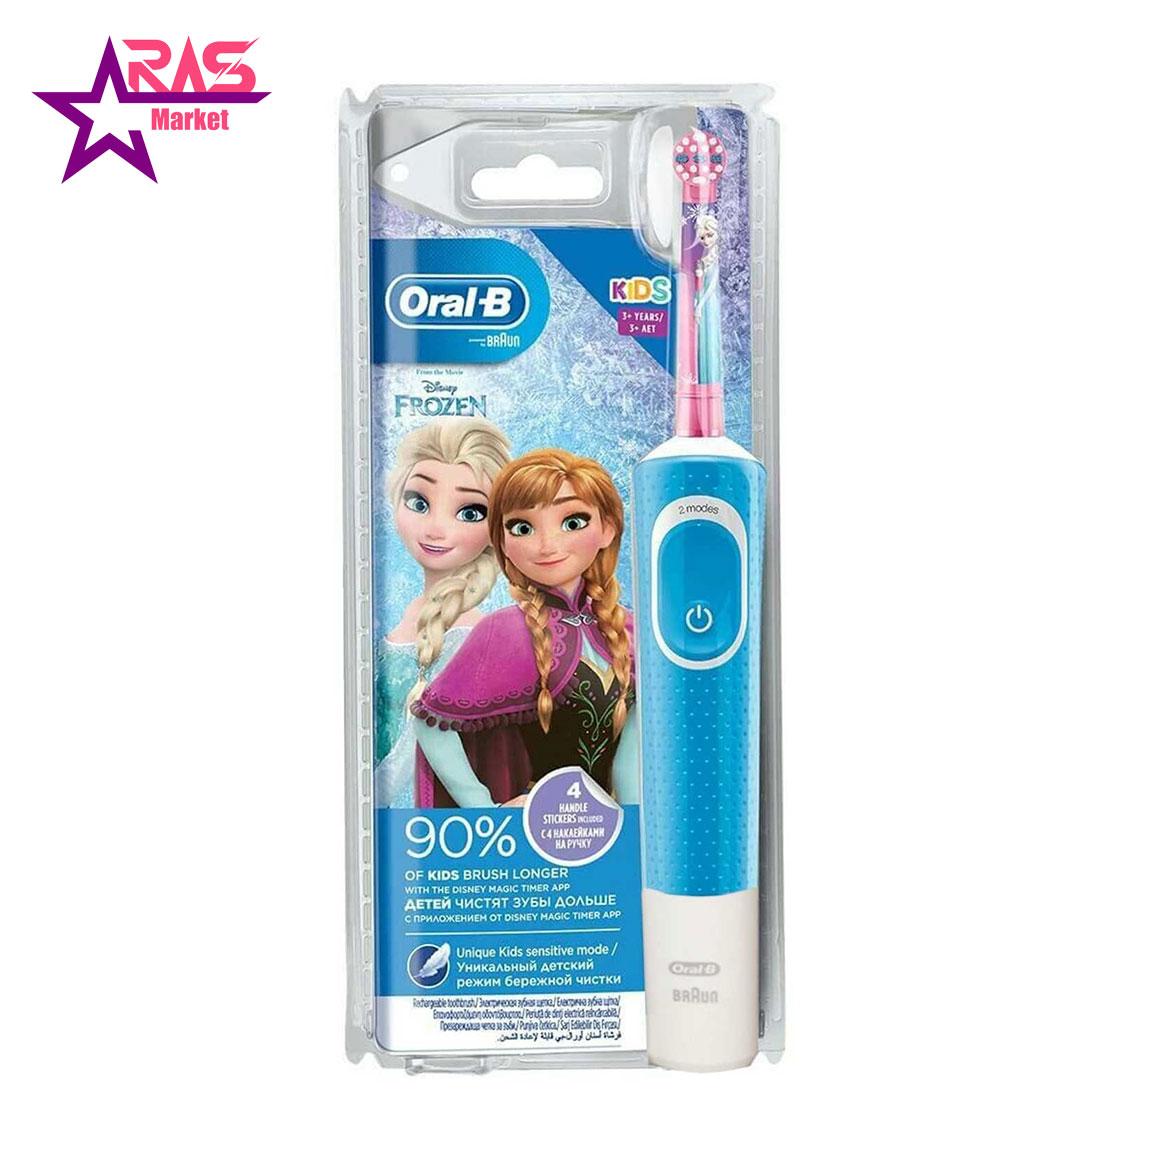 مسواک برقی کودک اورال بی مدل Frozen II ، فروشگاه اینترنتی ارس مارکت ، مسواک برقی oral b مخصوص کودکان